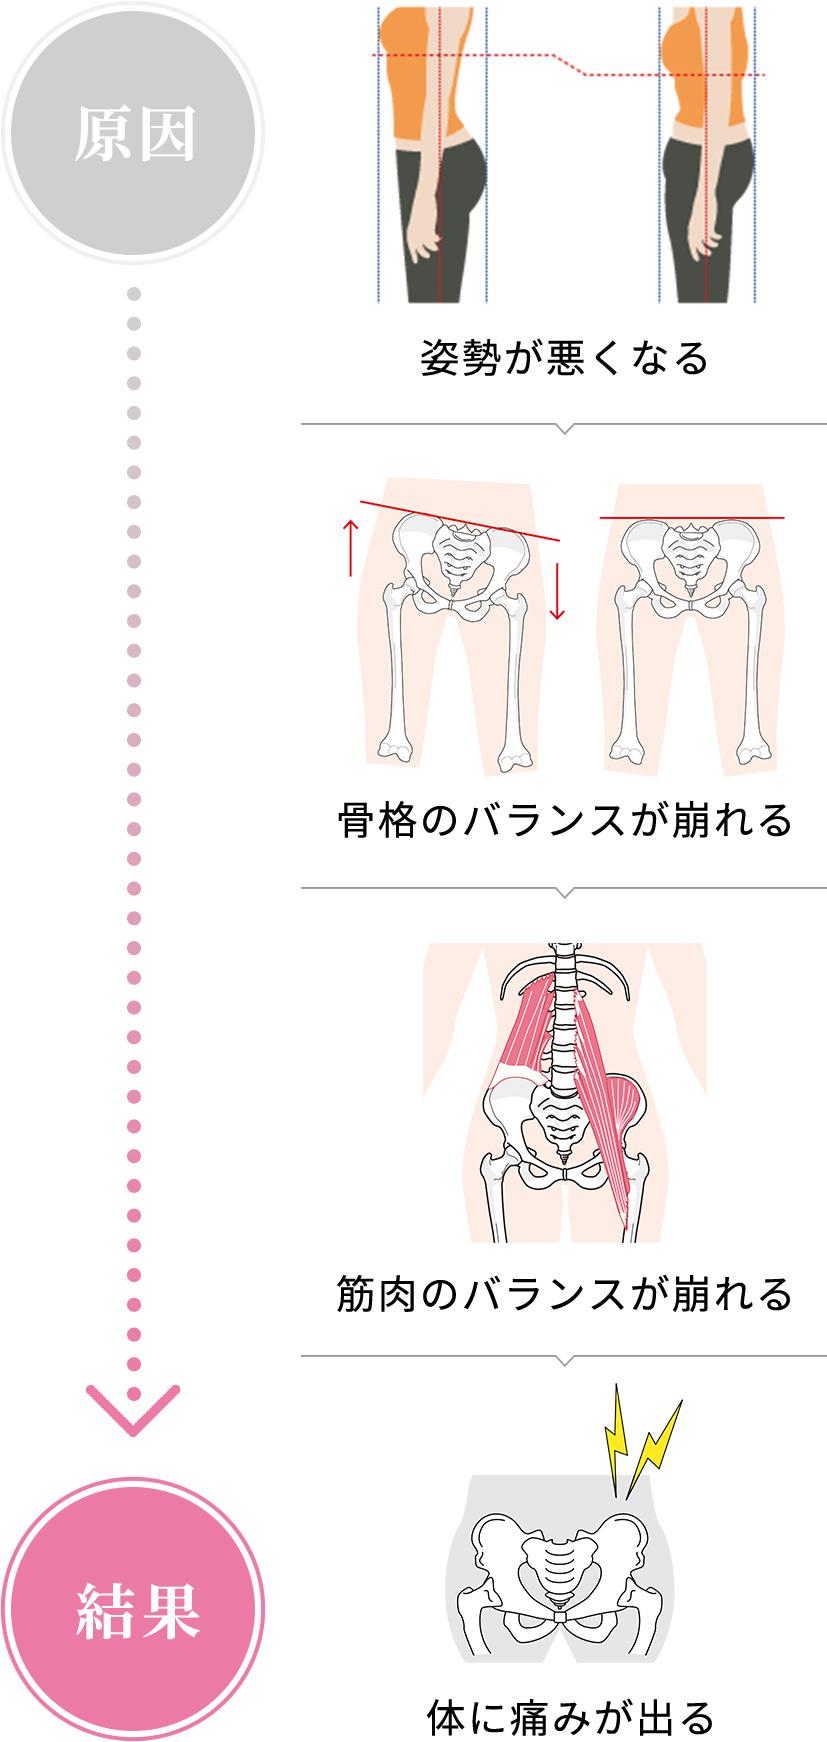 痛みや体の不調が起きる原因とは?